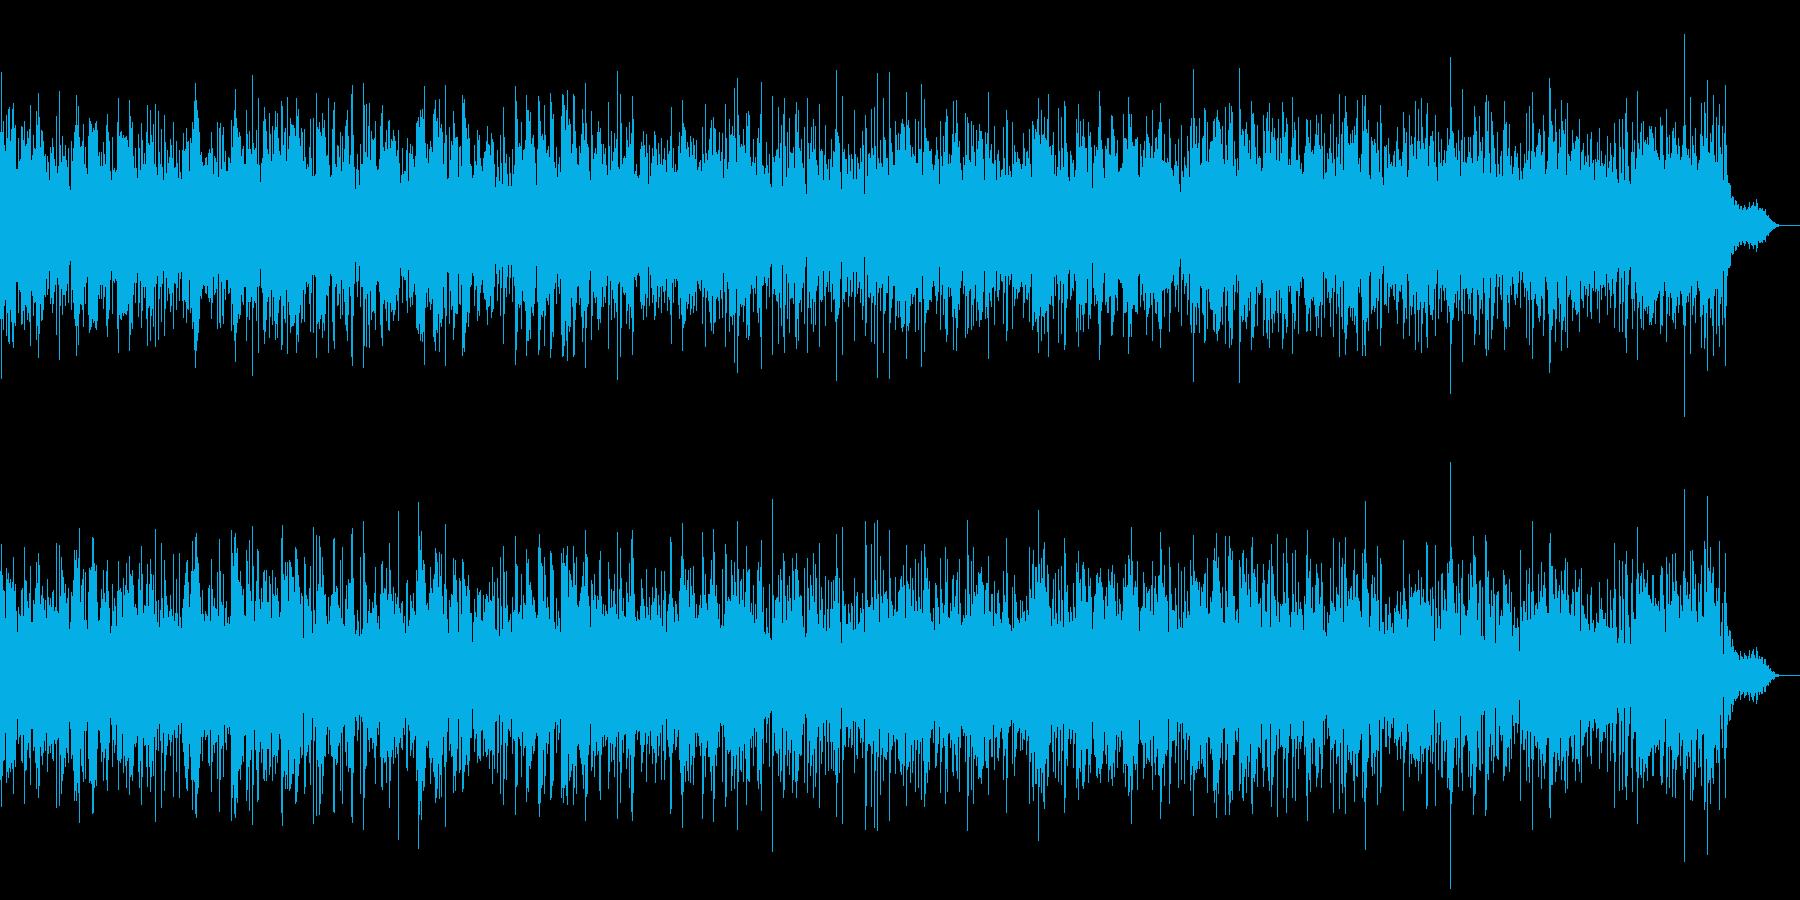 フォークダンスポルカ・民族的BGMの再生済みの波形